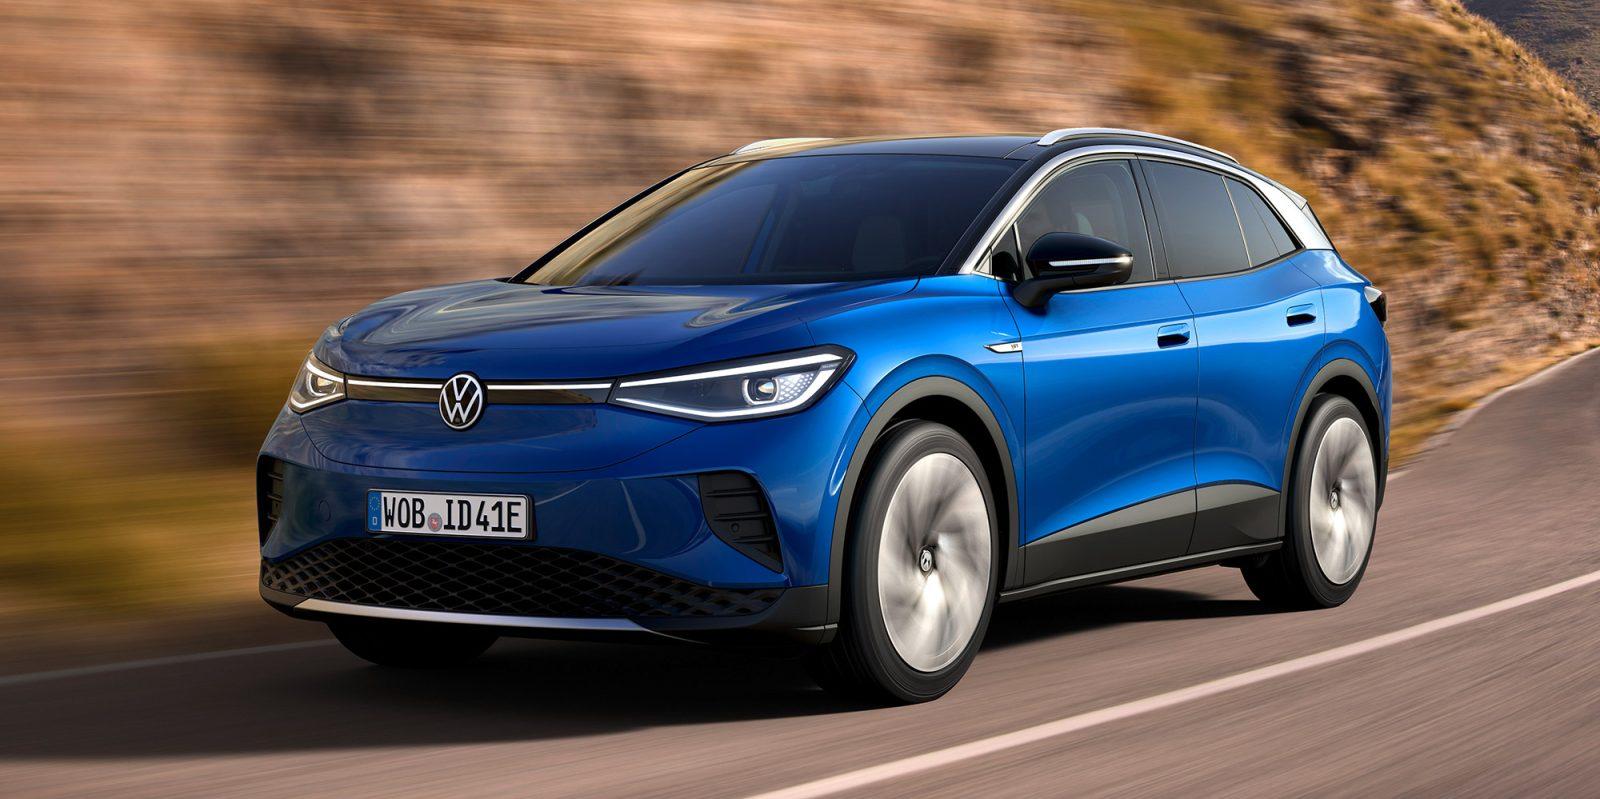 First look: Volkswagen ID.4 EV sets mainstream $40K price ...